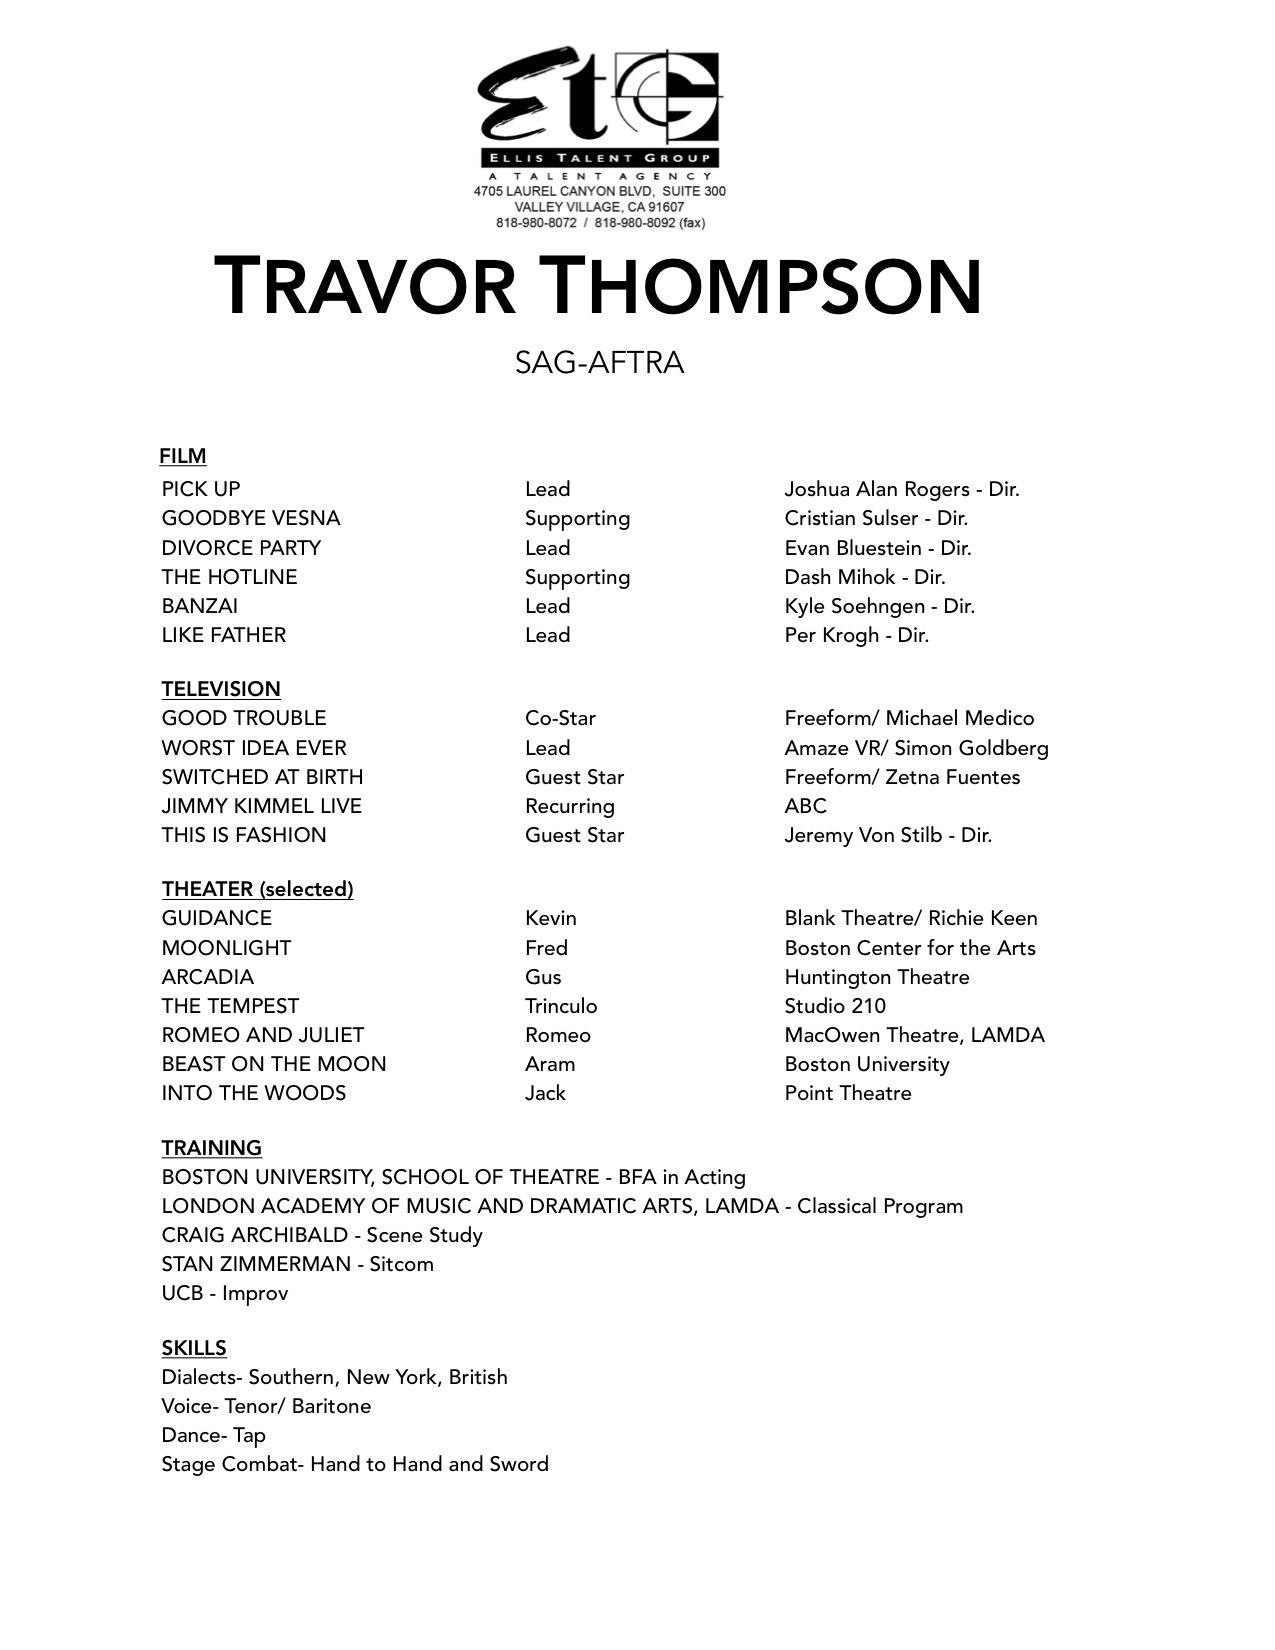 TRAVORTHOMPSON-ETG06:2019.jpg